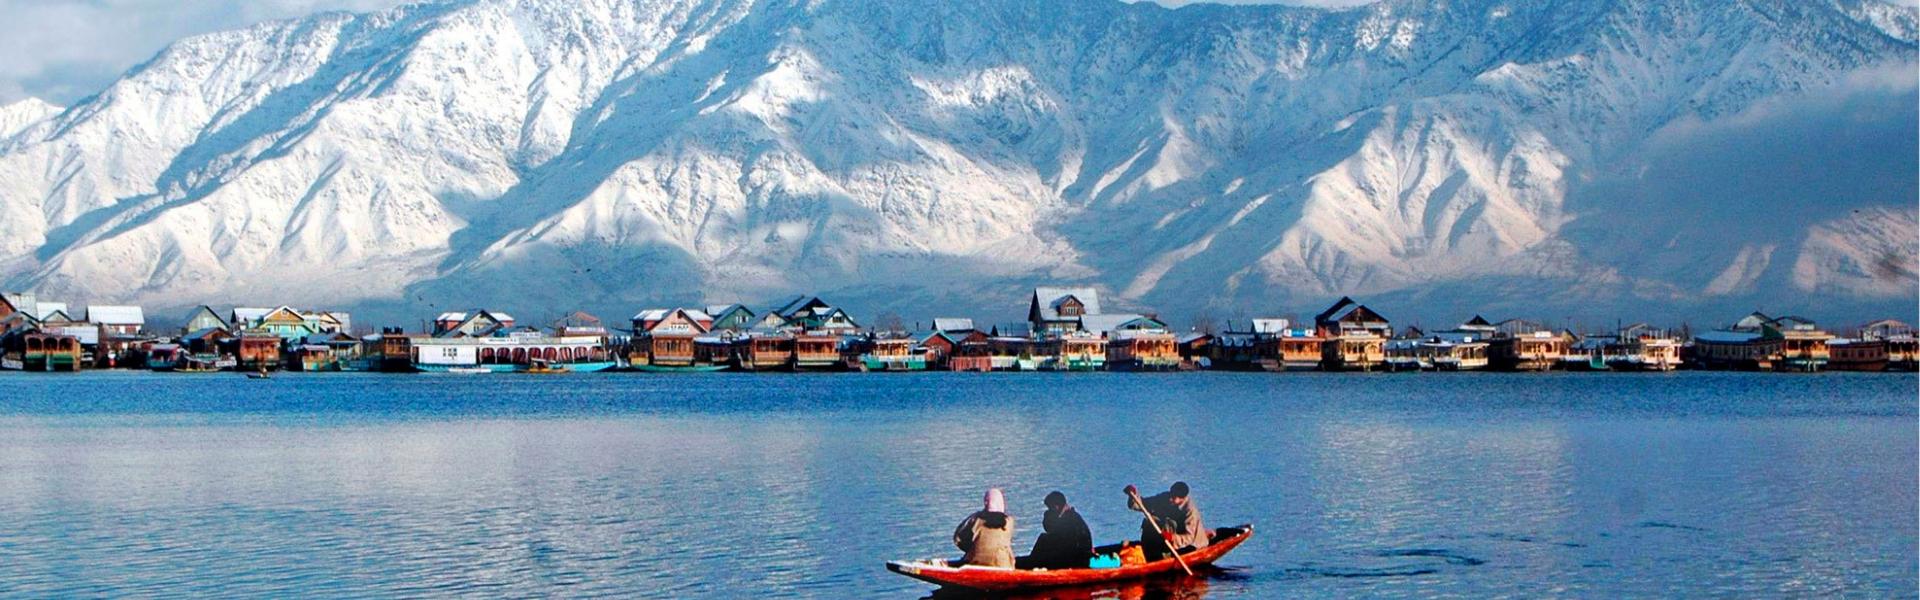 jammu kashmir tourism,incredible india,india tour,travel india